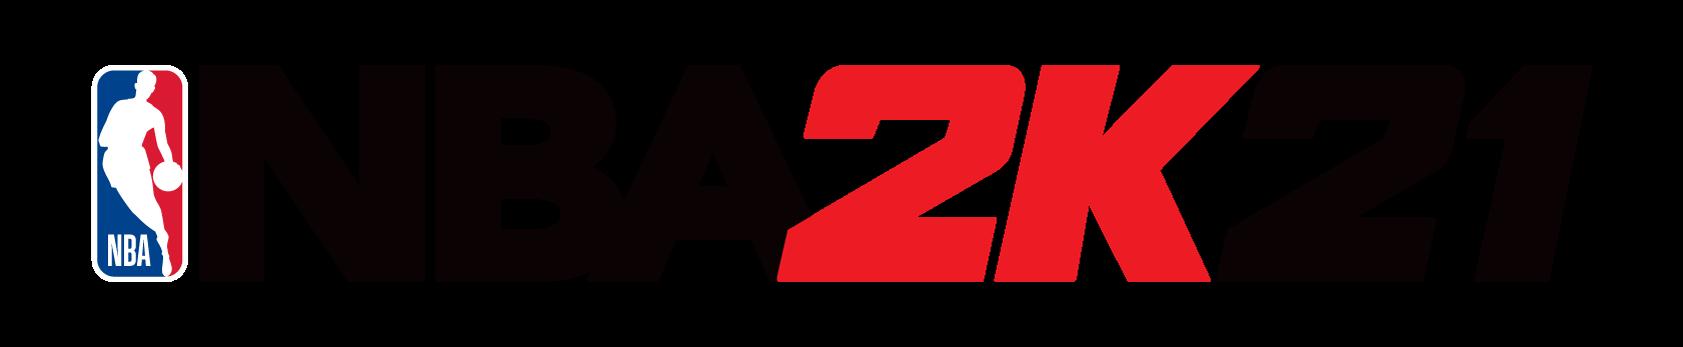 NBA-2K21-full-game-cracked